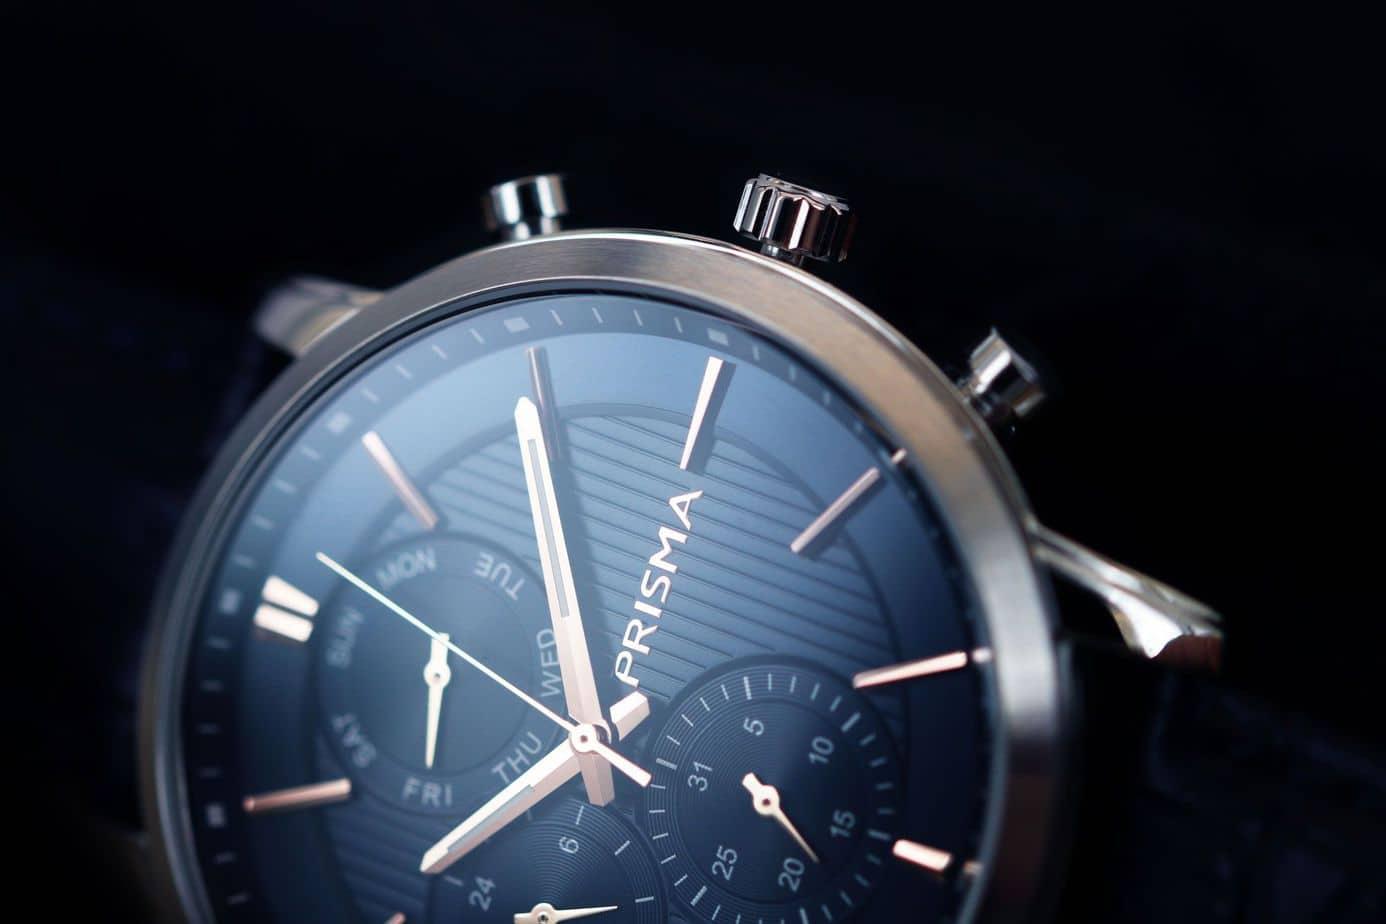 blauw prisma P.1589 horloge traveller refined blue watches nederlands horlogemerk dutch watch brand